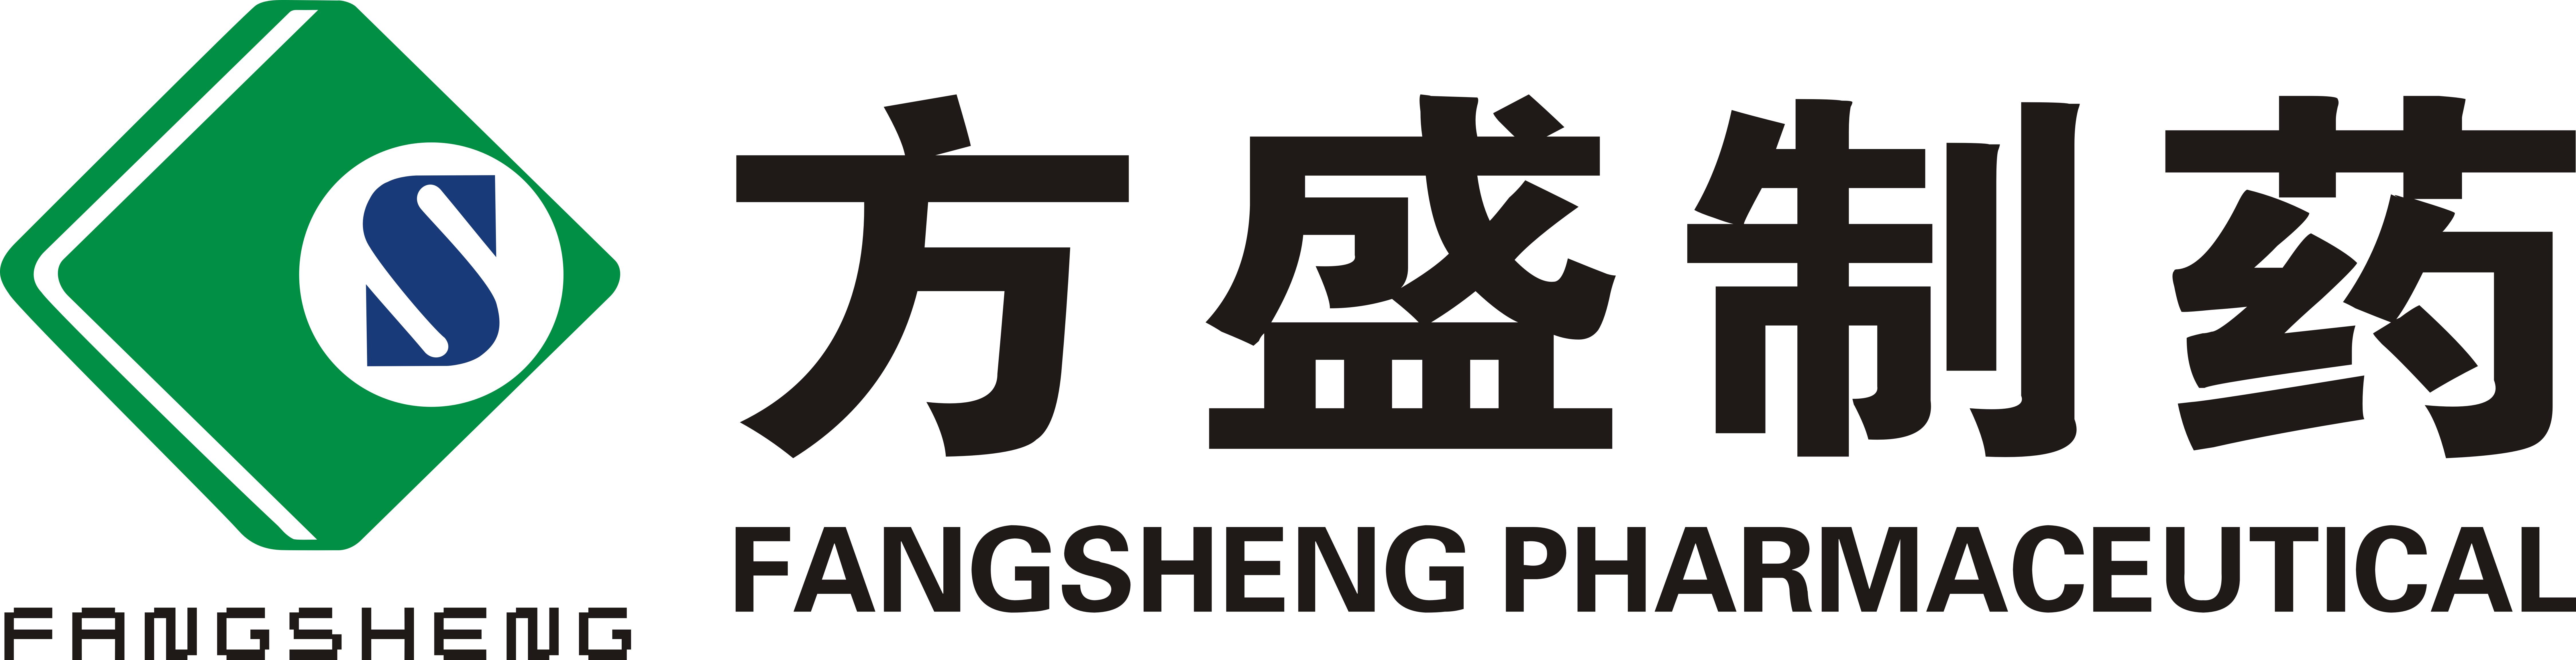 logo 标识 标志 设计 矢量 矢量图 素材 图标 8992_2303